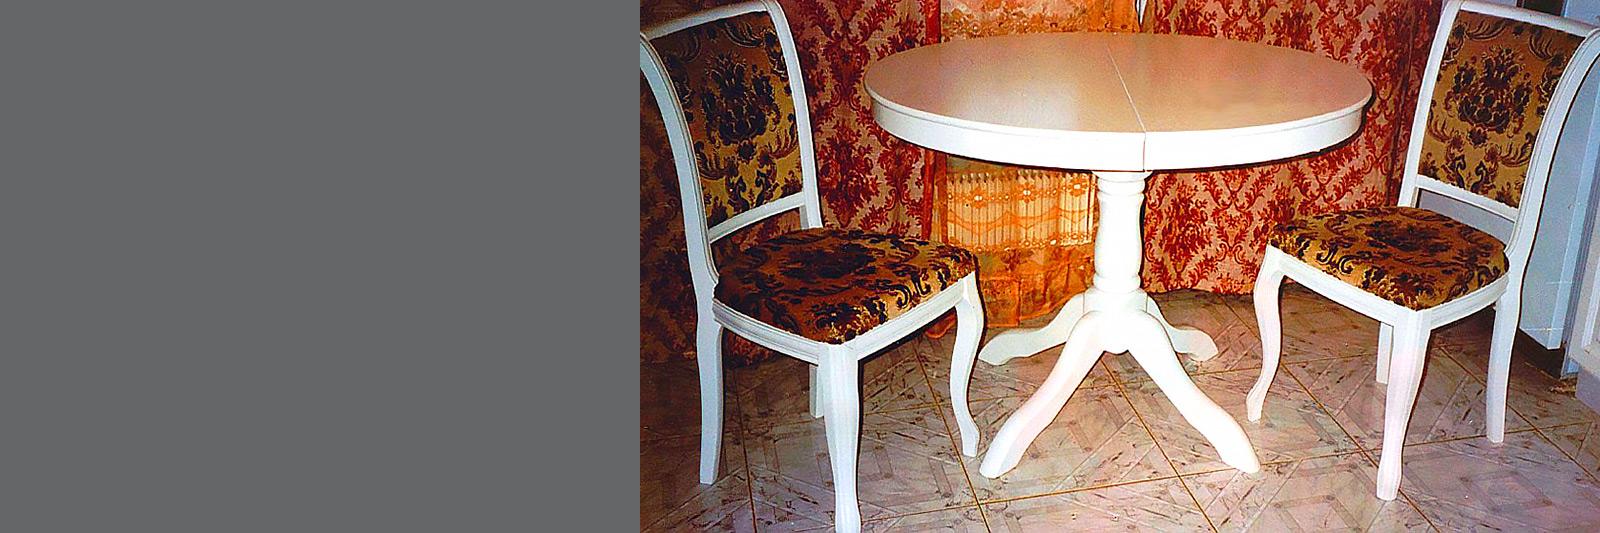 Стол для кафе круглый под заказ. Эмаль